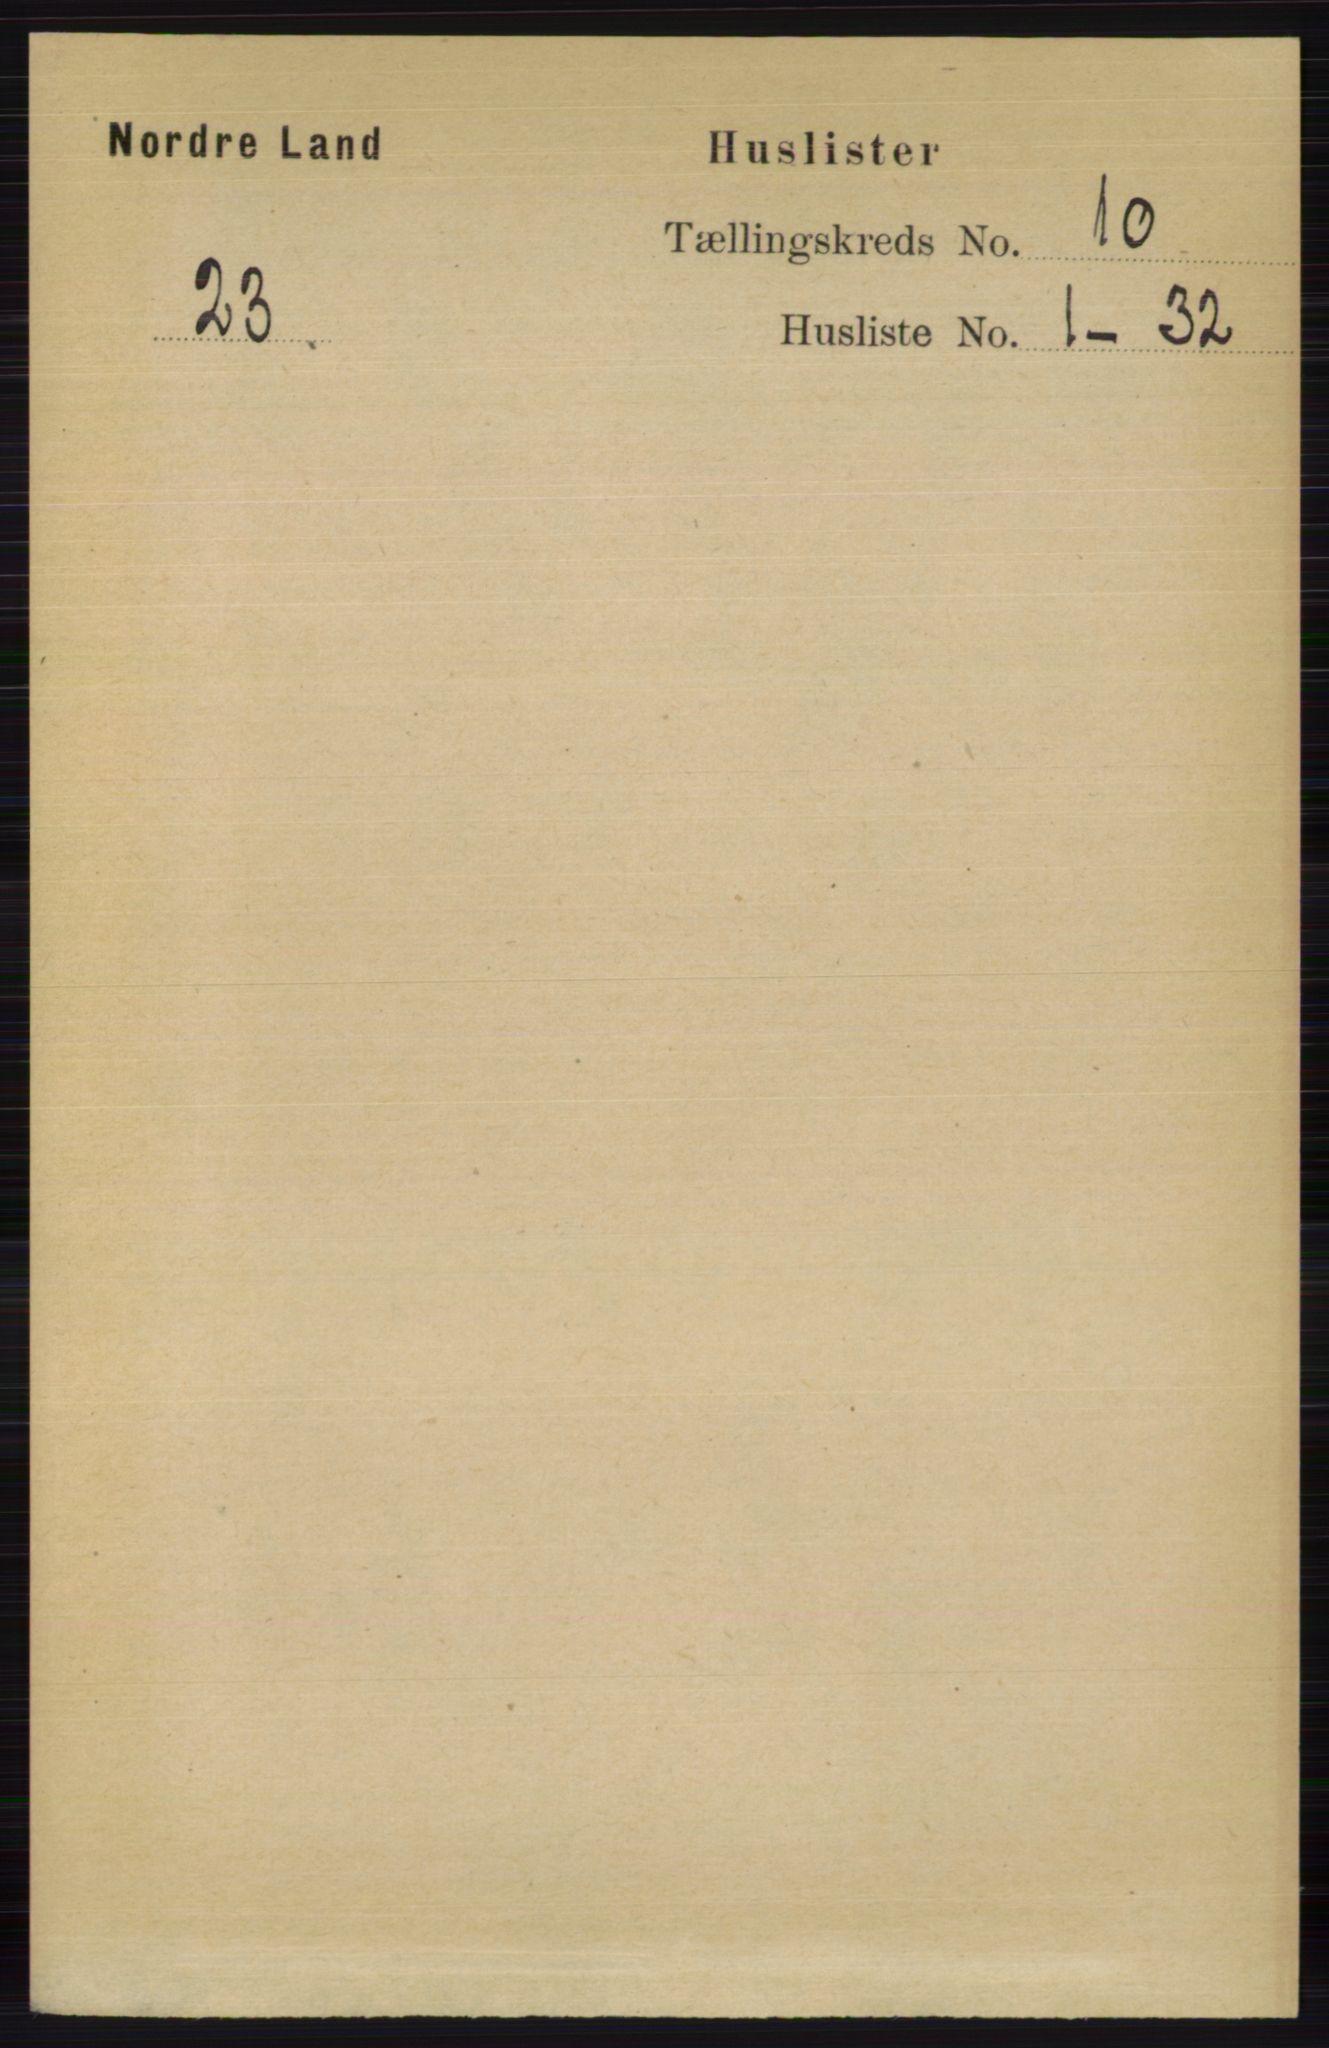 RA, Folketelling 1891 for 0538 Nordre Land herred, 1891, s. 2770